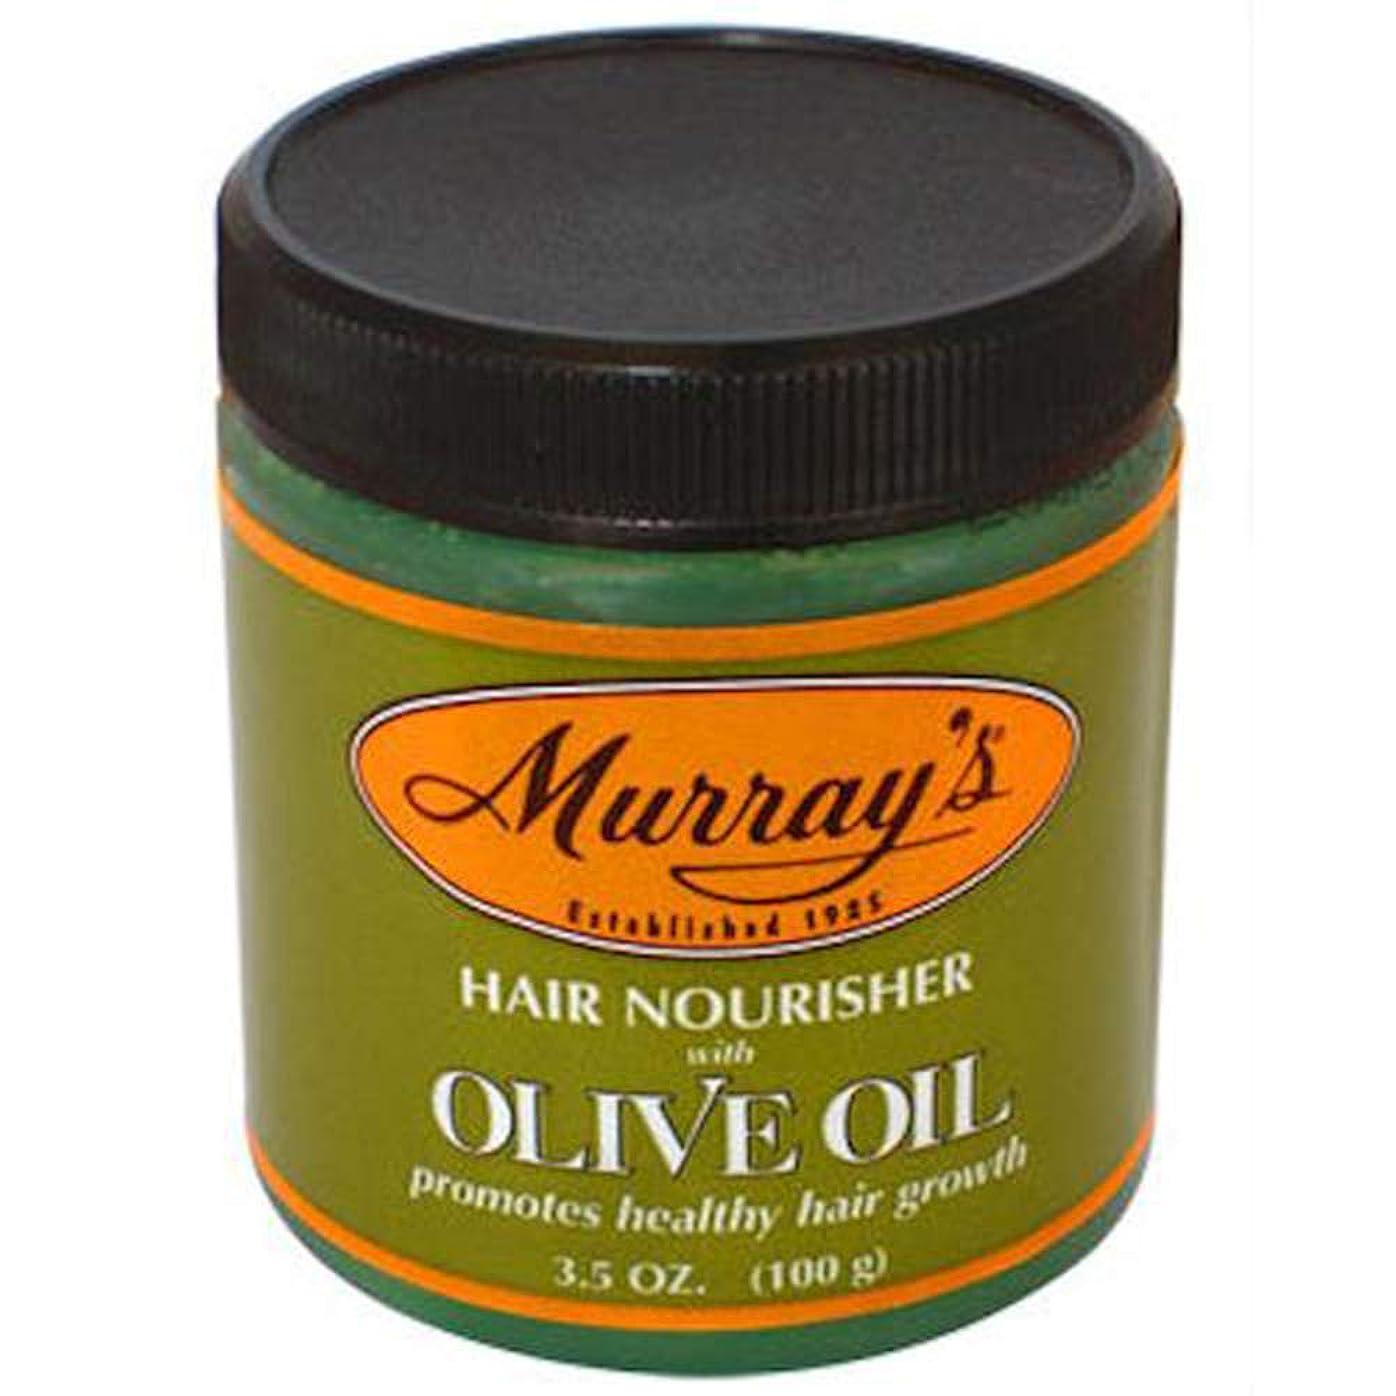 地下室デモンストレーションスコットランド人MURRAY'S(ブランド) マーレーズ - Olive Hair Oil/香水?コスメ 【公式/オフィシャル】